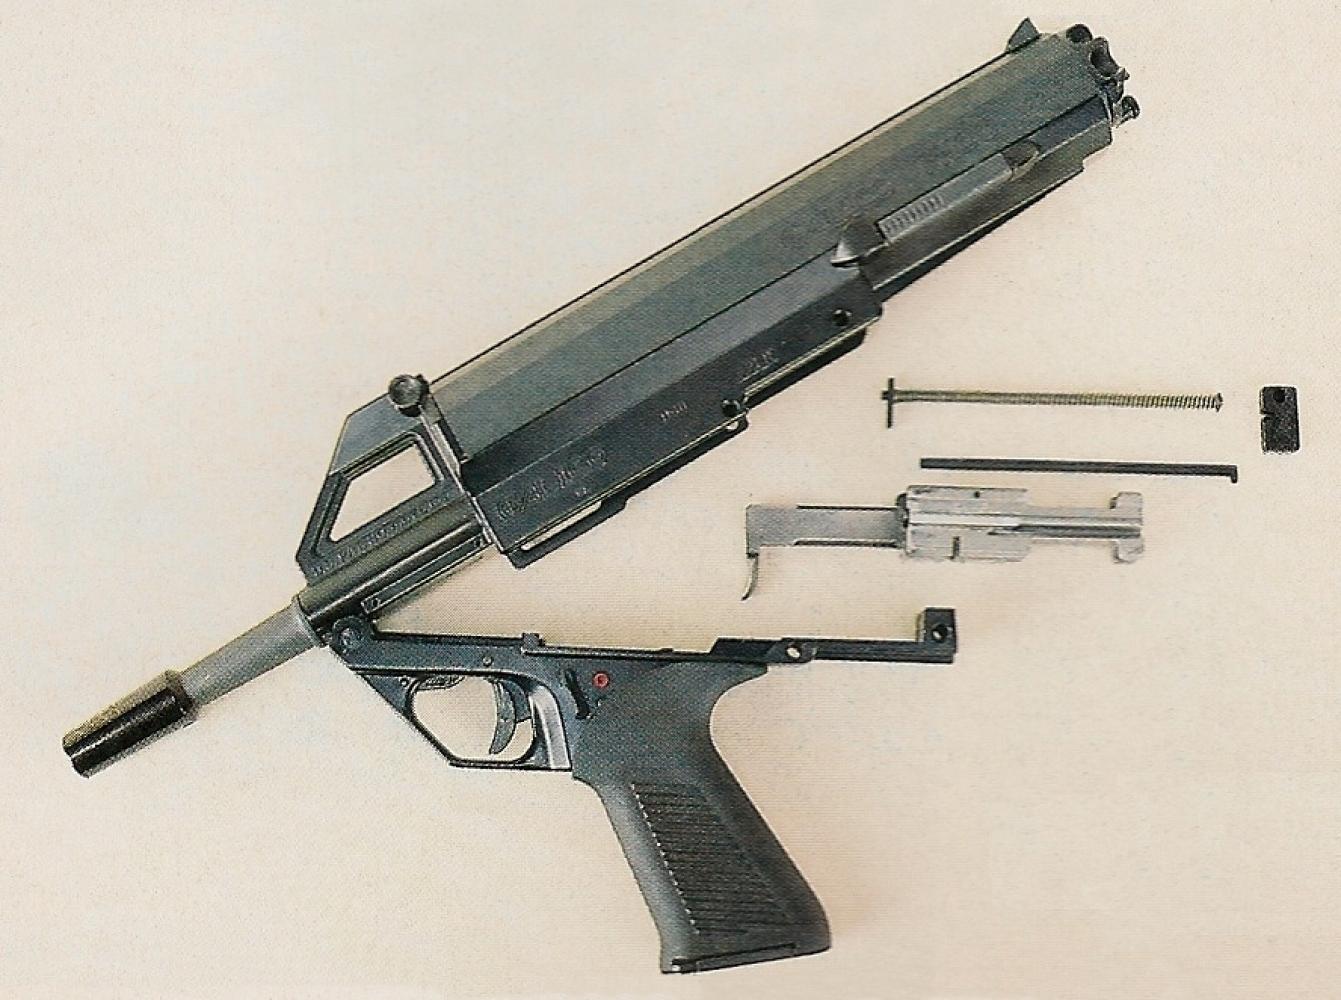 Le démontage sommaire du pistolet Calico représente une de ses originalités, mais aussi de ses qualités parce qu'il peut être effectué facilement et rapidement sans outil.